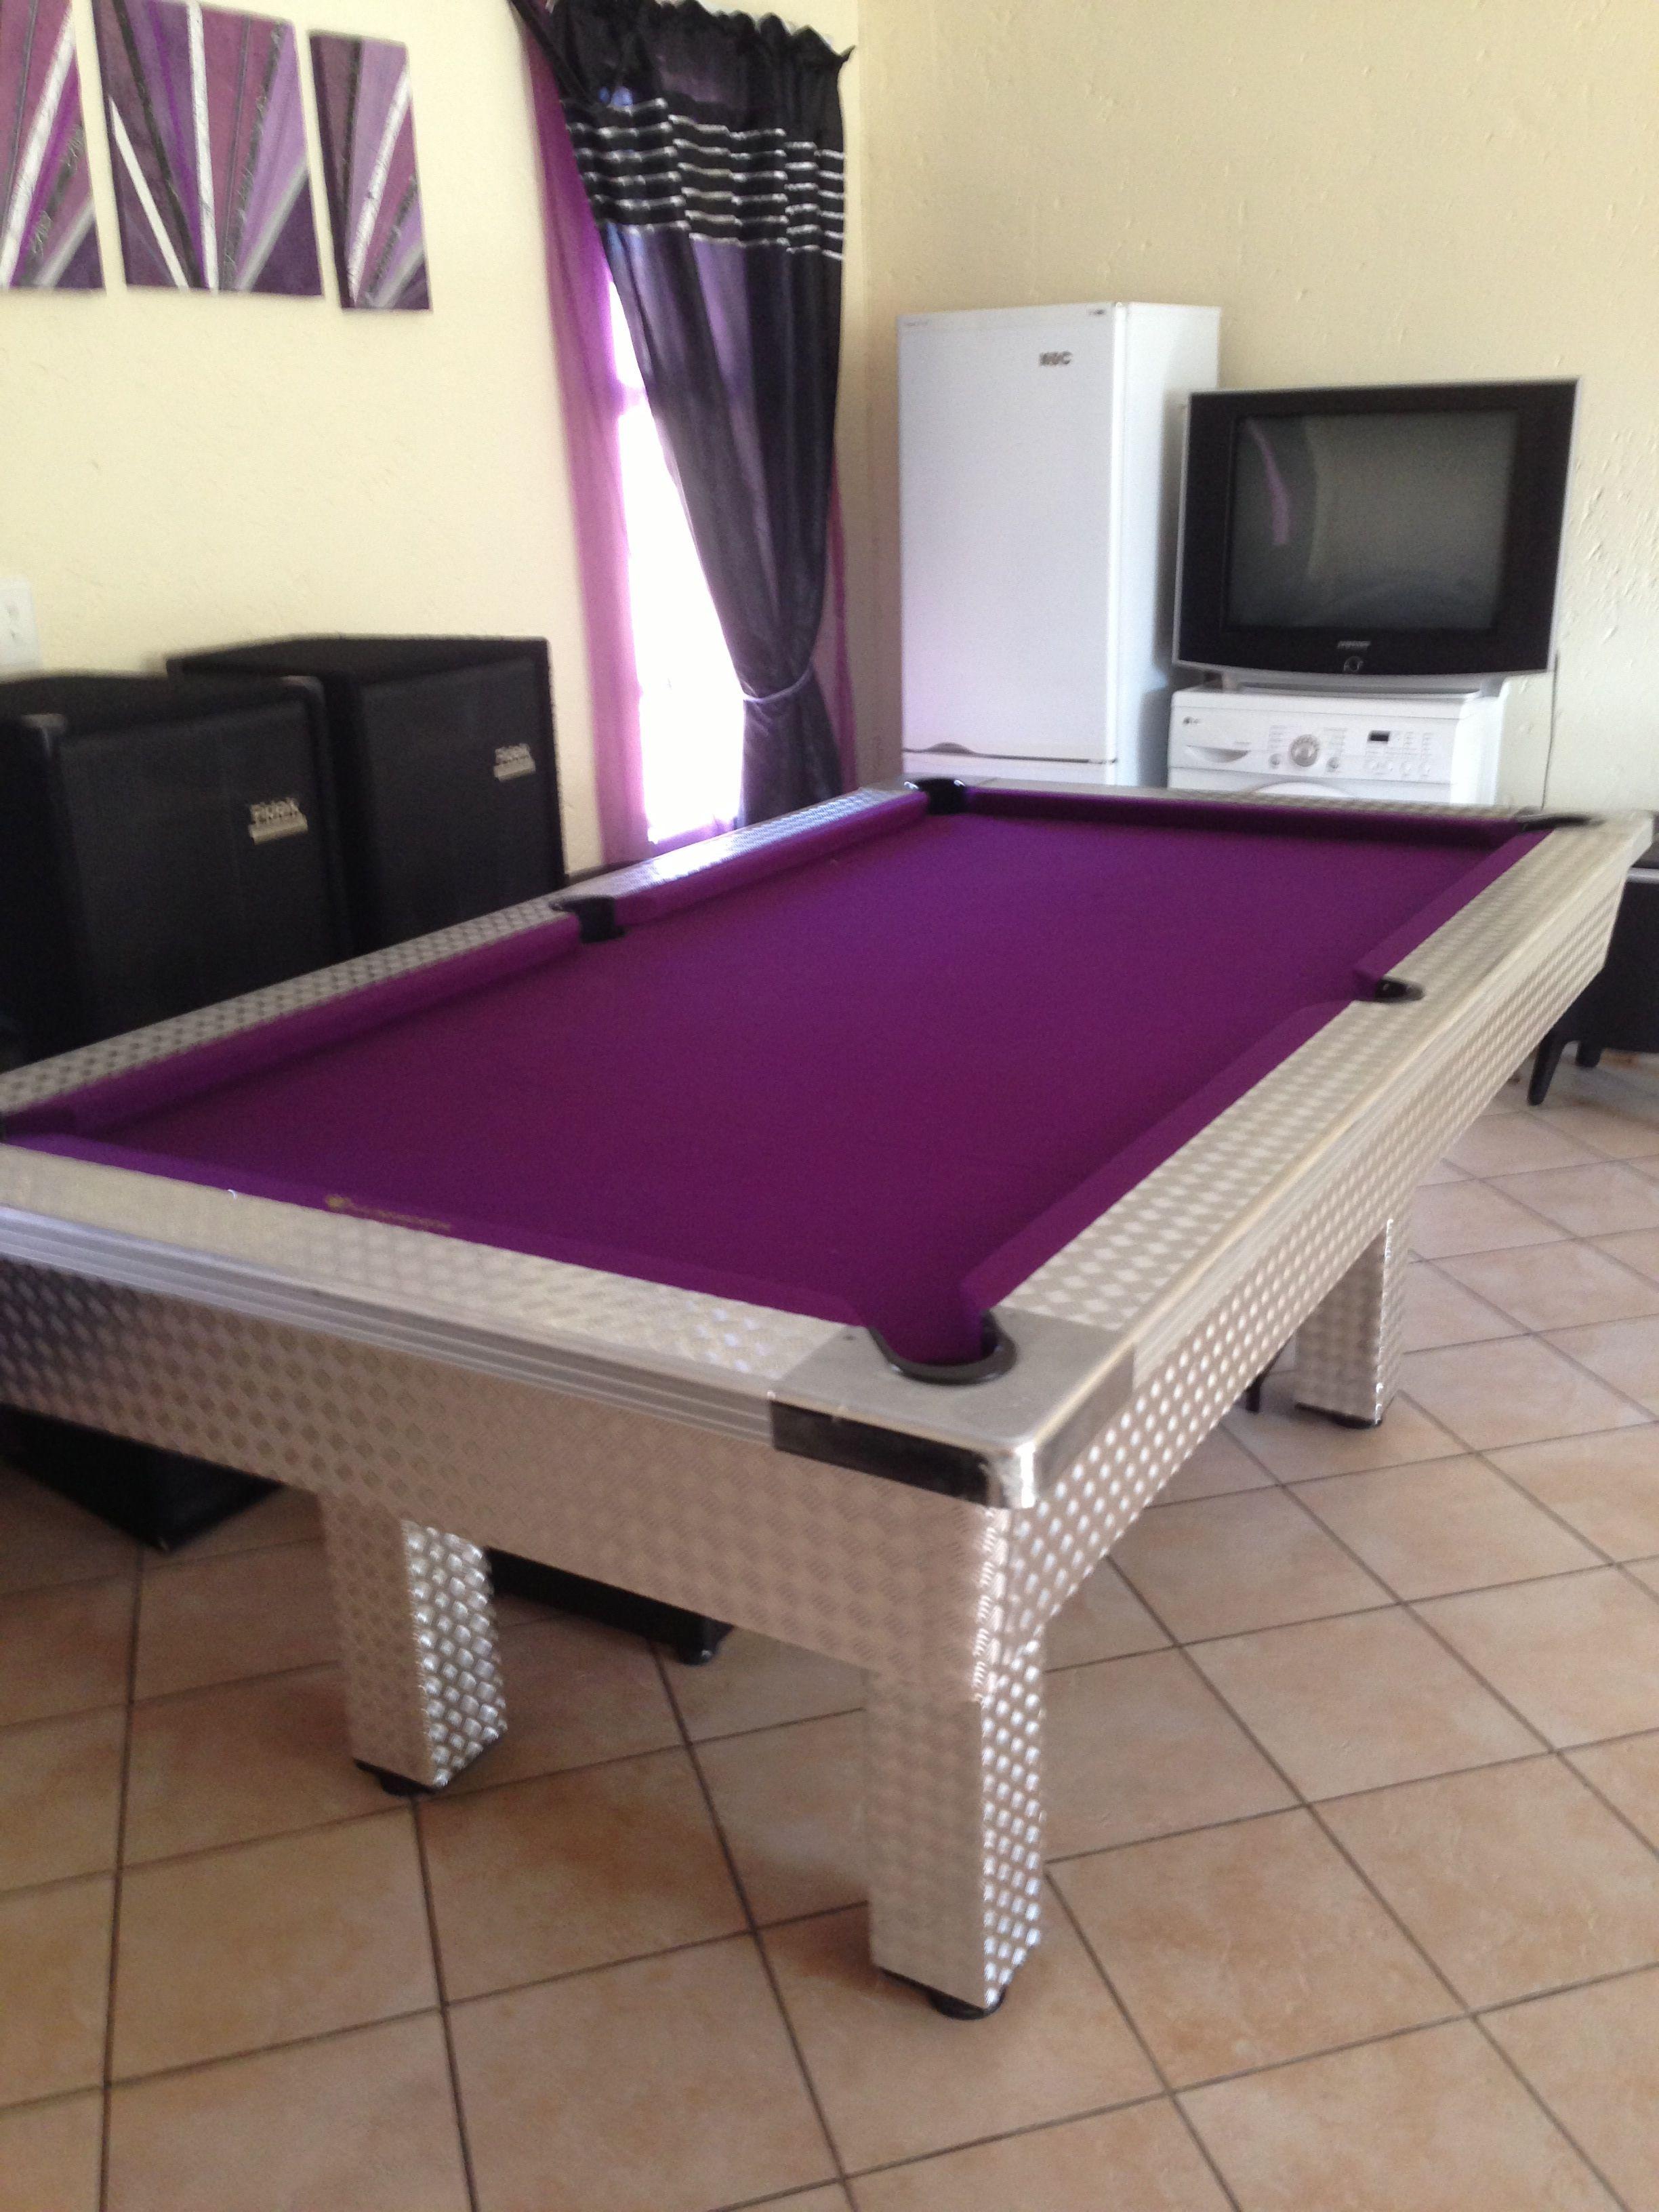 My Purple Pool Table 1